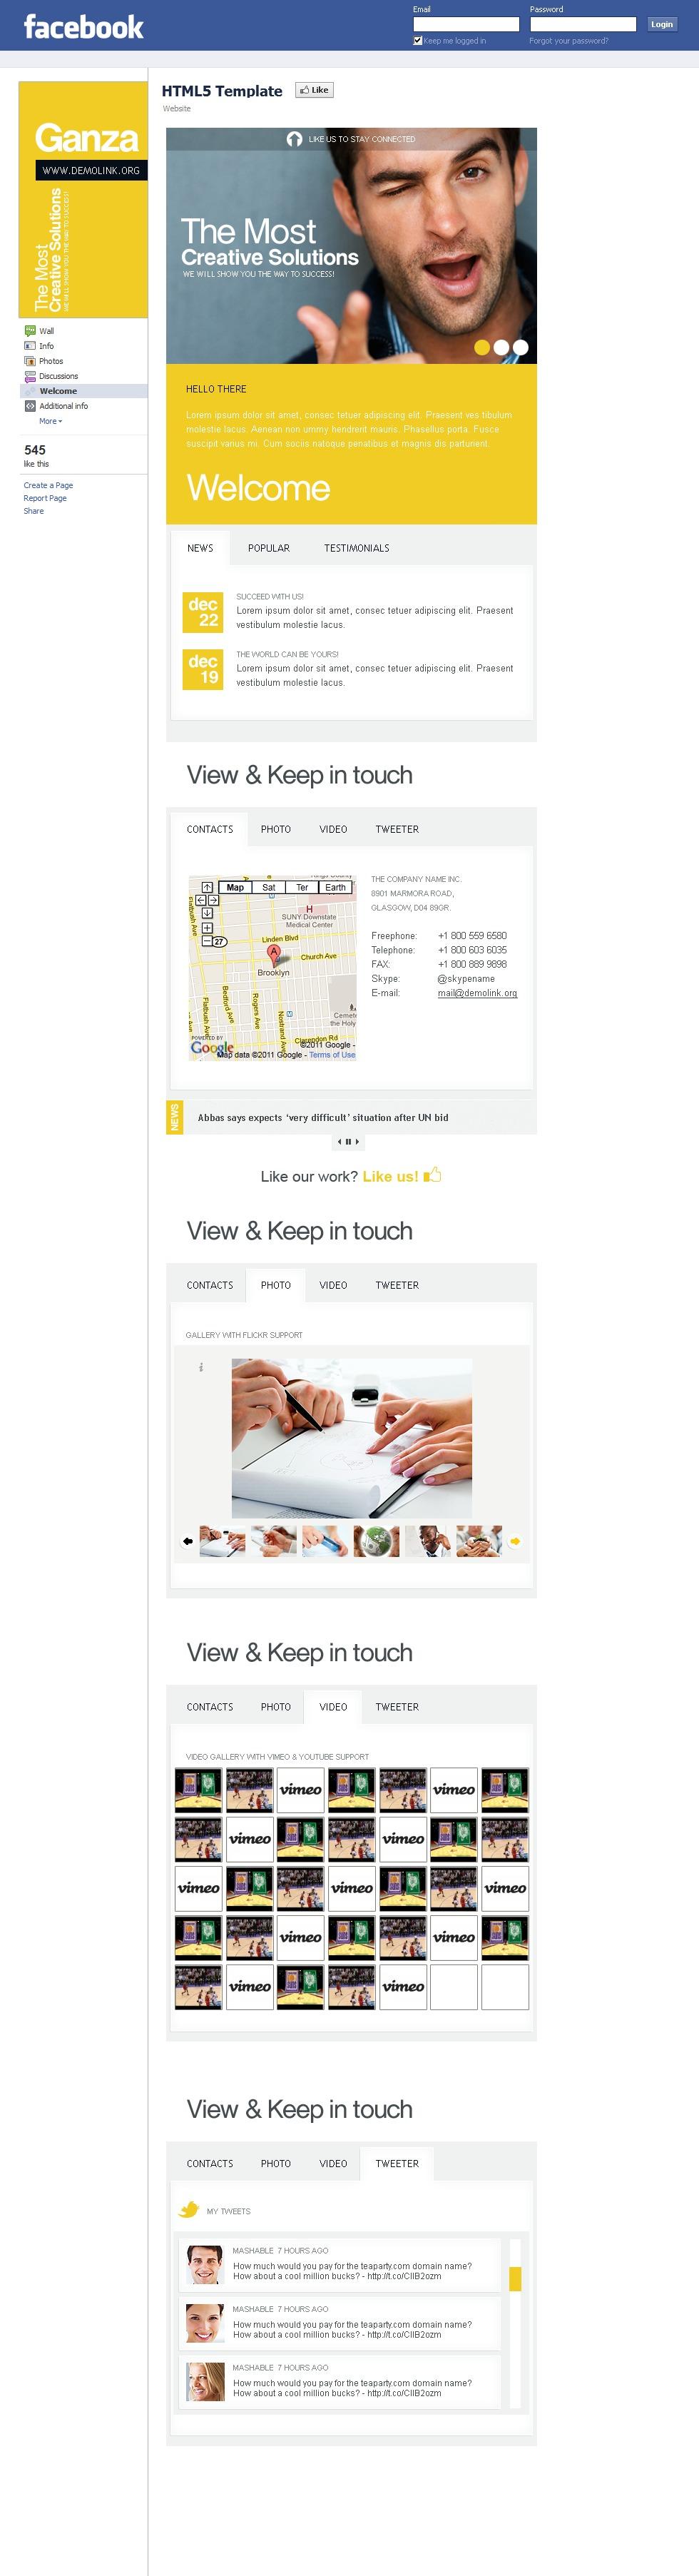 Facebook-mall för Företag & tjänster #37944 - skärmbild